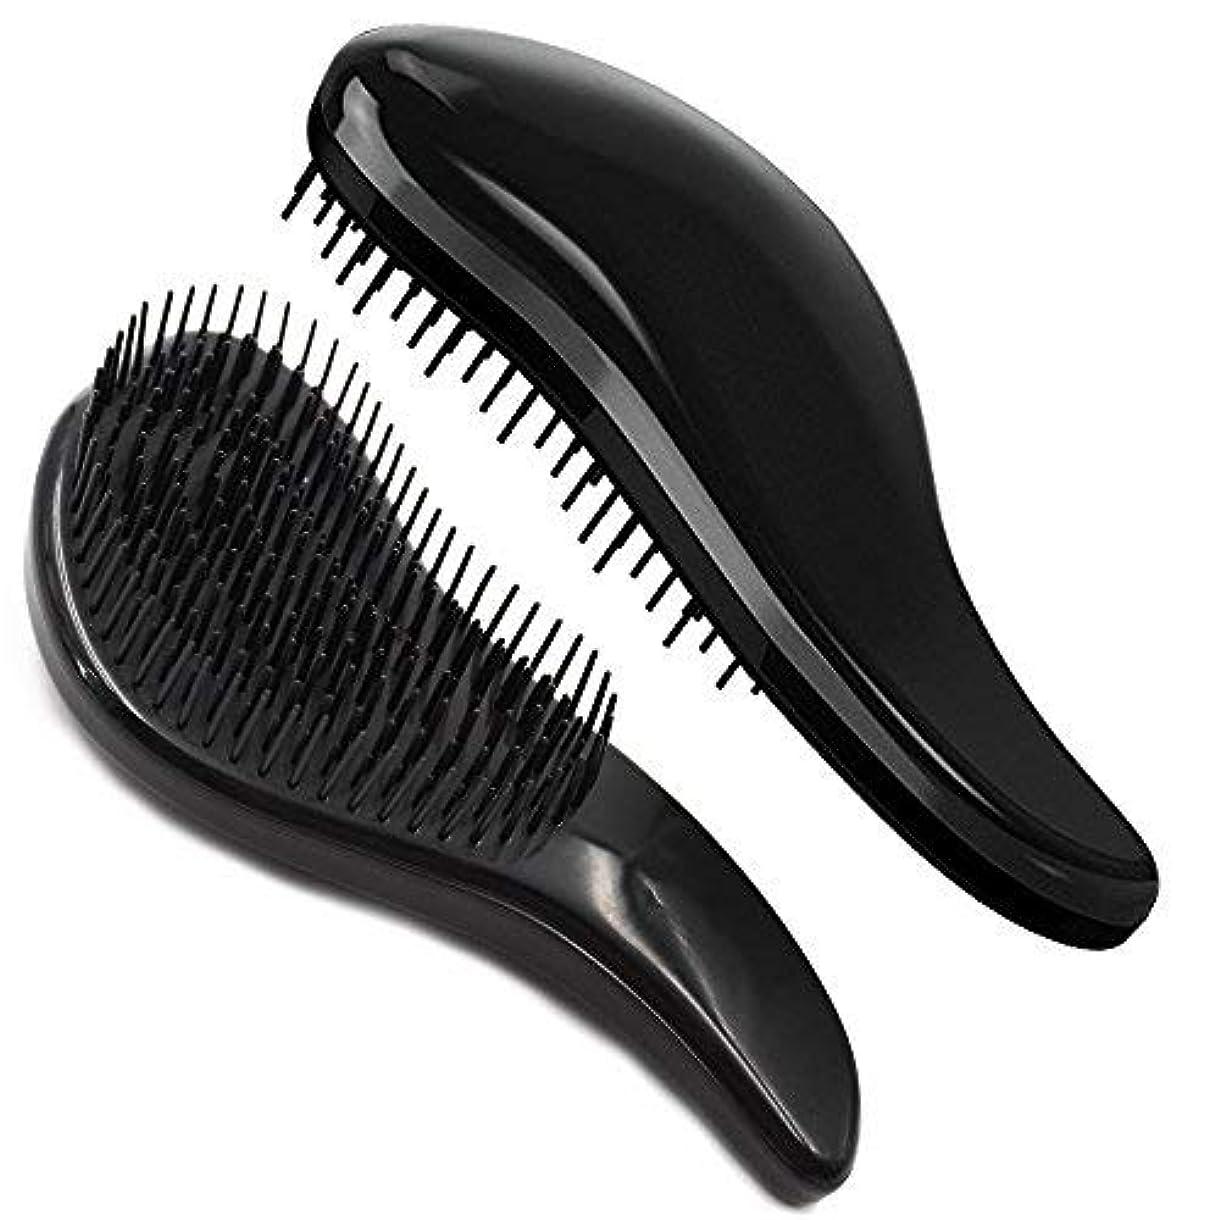 治療文字私たち自身Brush Master Detangler Hair Comb Hair Brush for Wet Hair Curly Hair Straight Hair for Women Men Kids Black [並行輸入品]